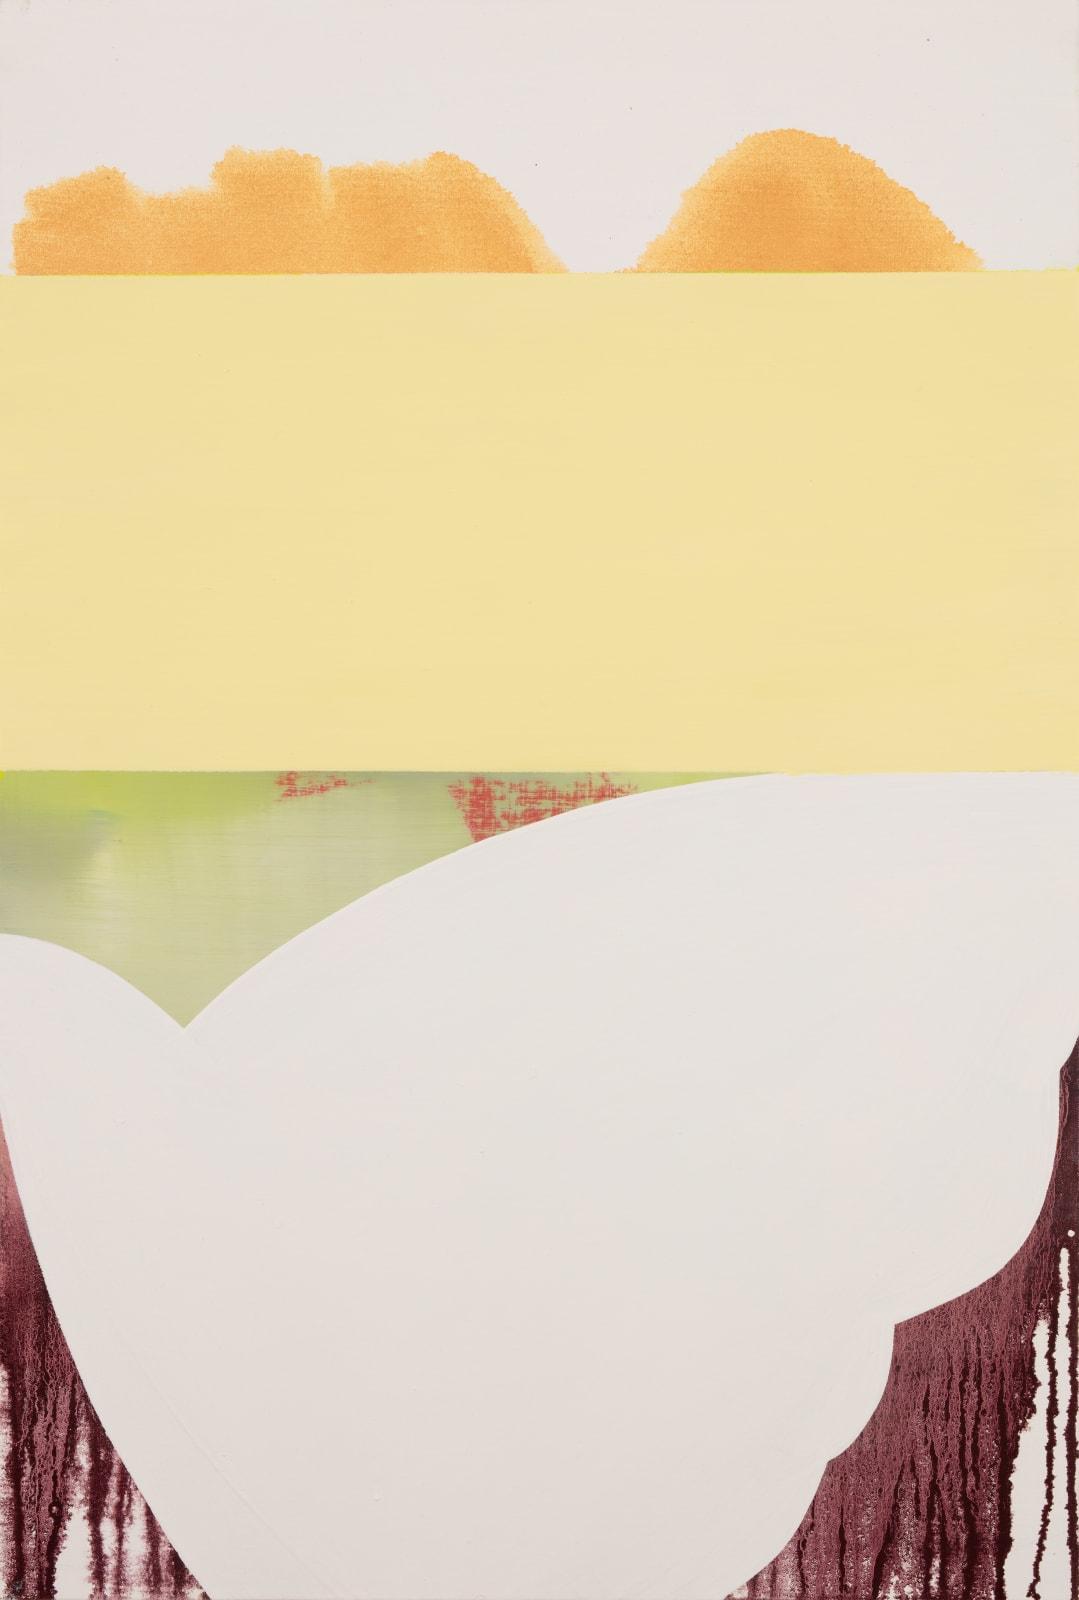 Sarah Hinckley, Yellow Moon 2, 2020